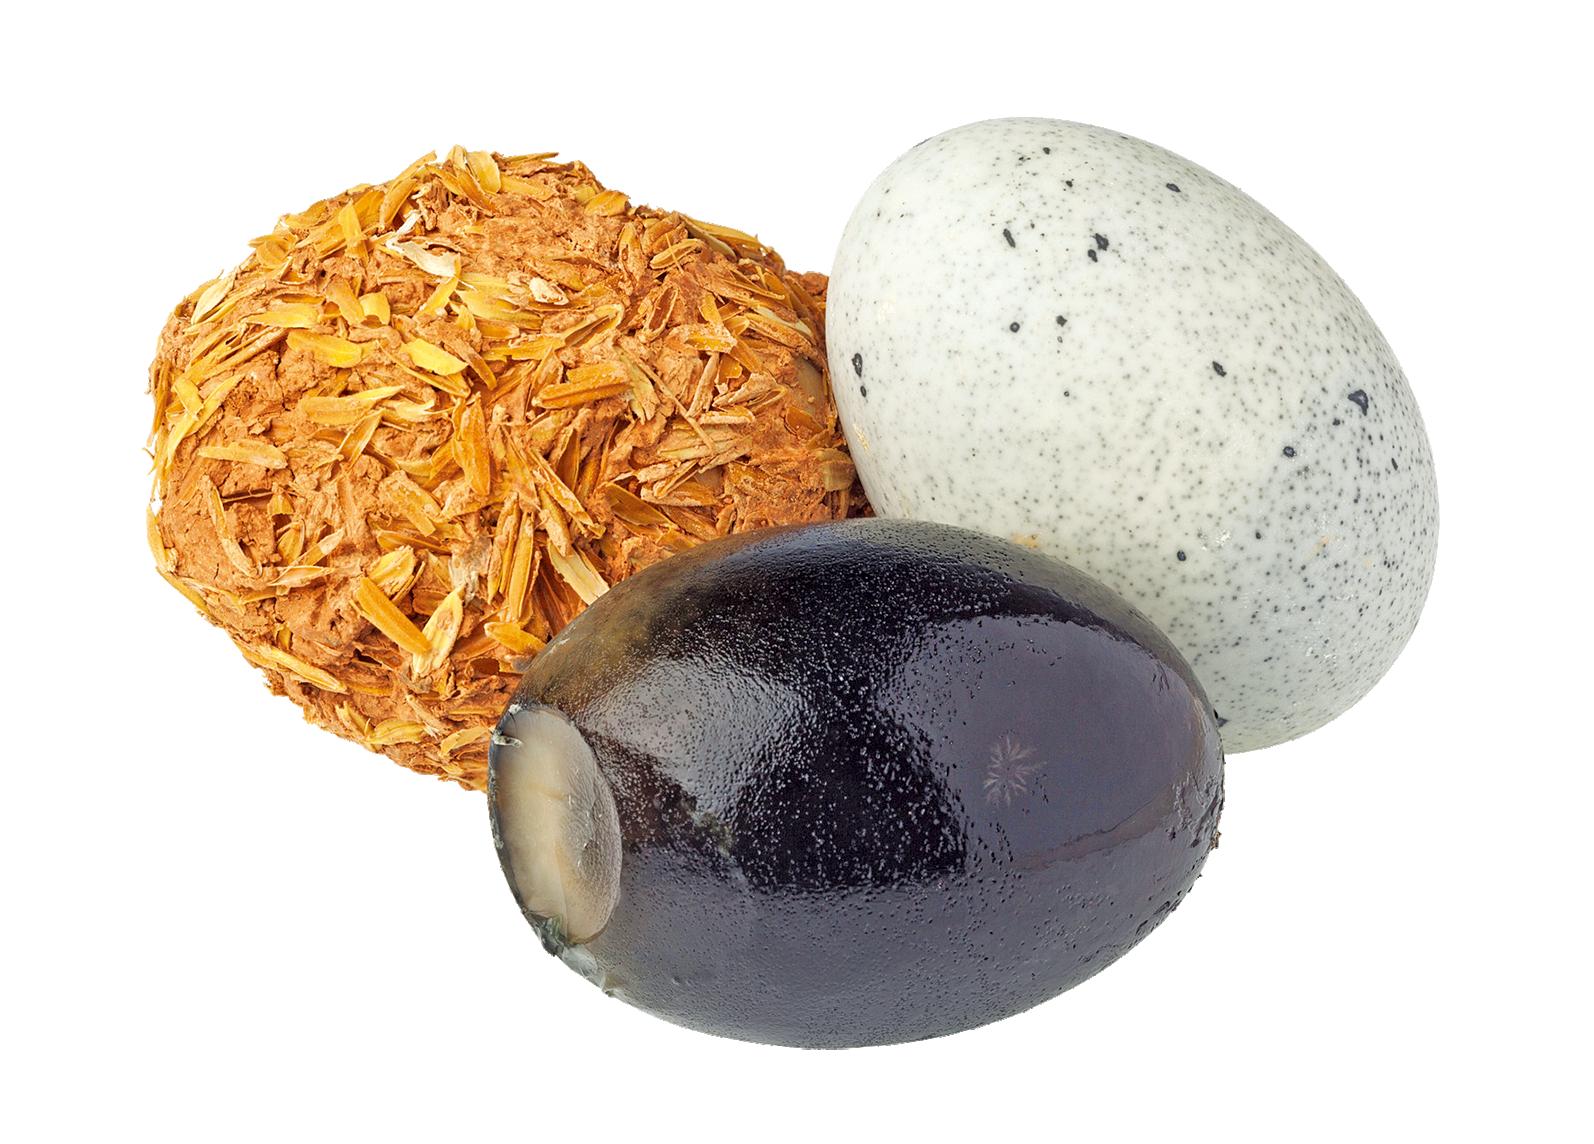 皮蛋是中華料理中特有的食材,但許多外國人卻認為它是怪異食物。